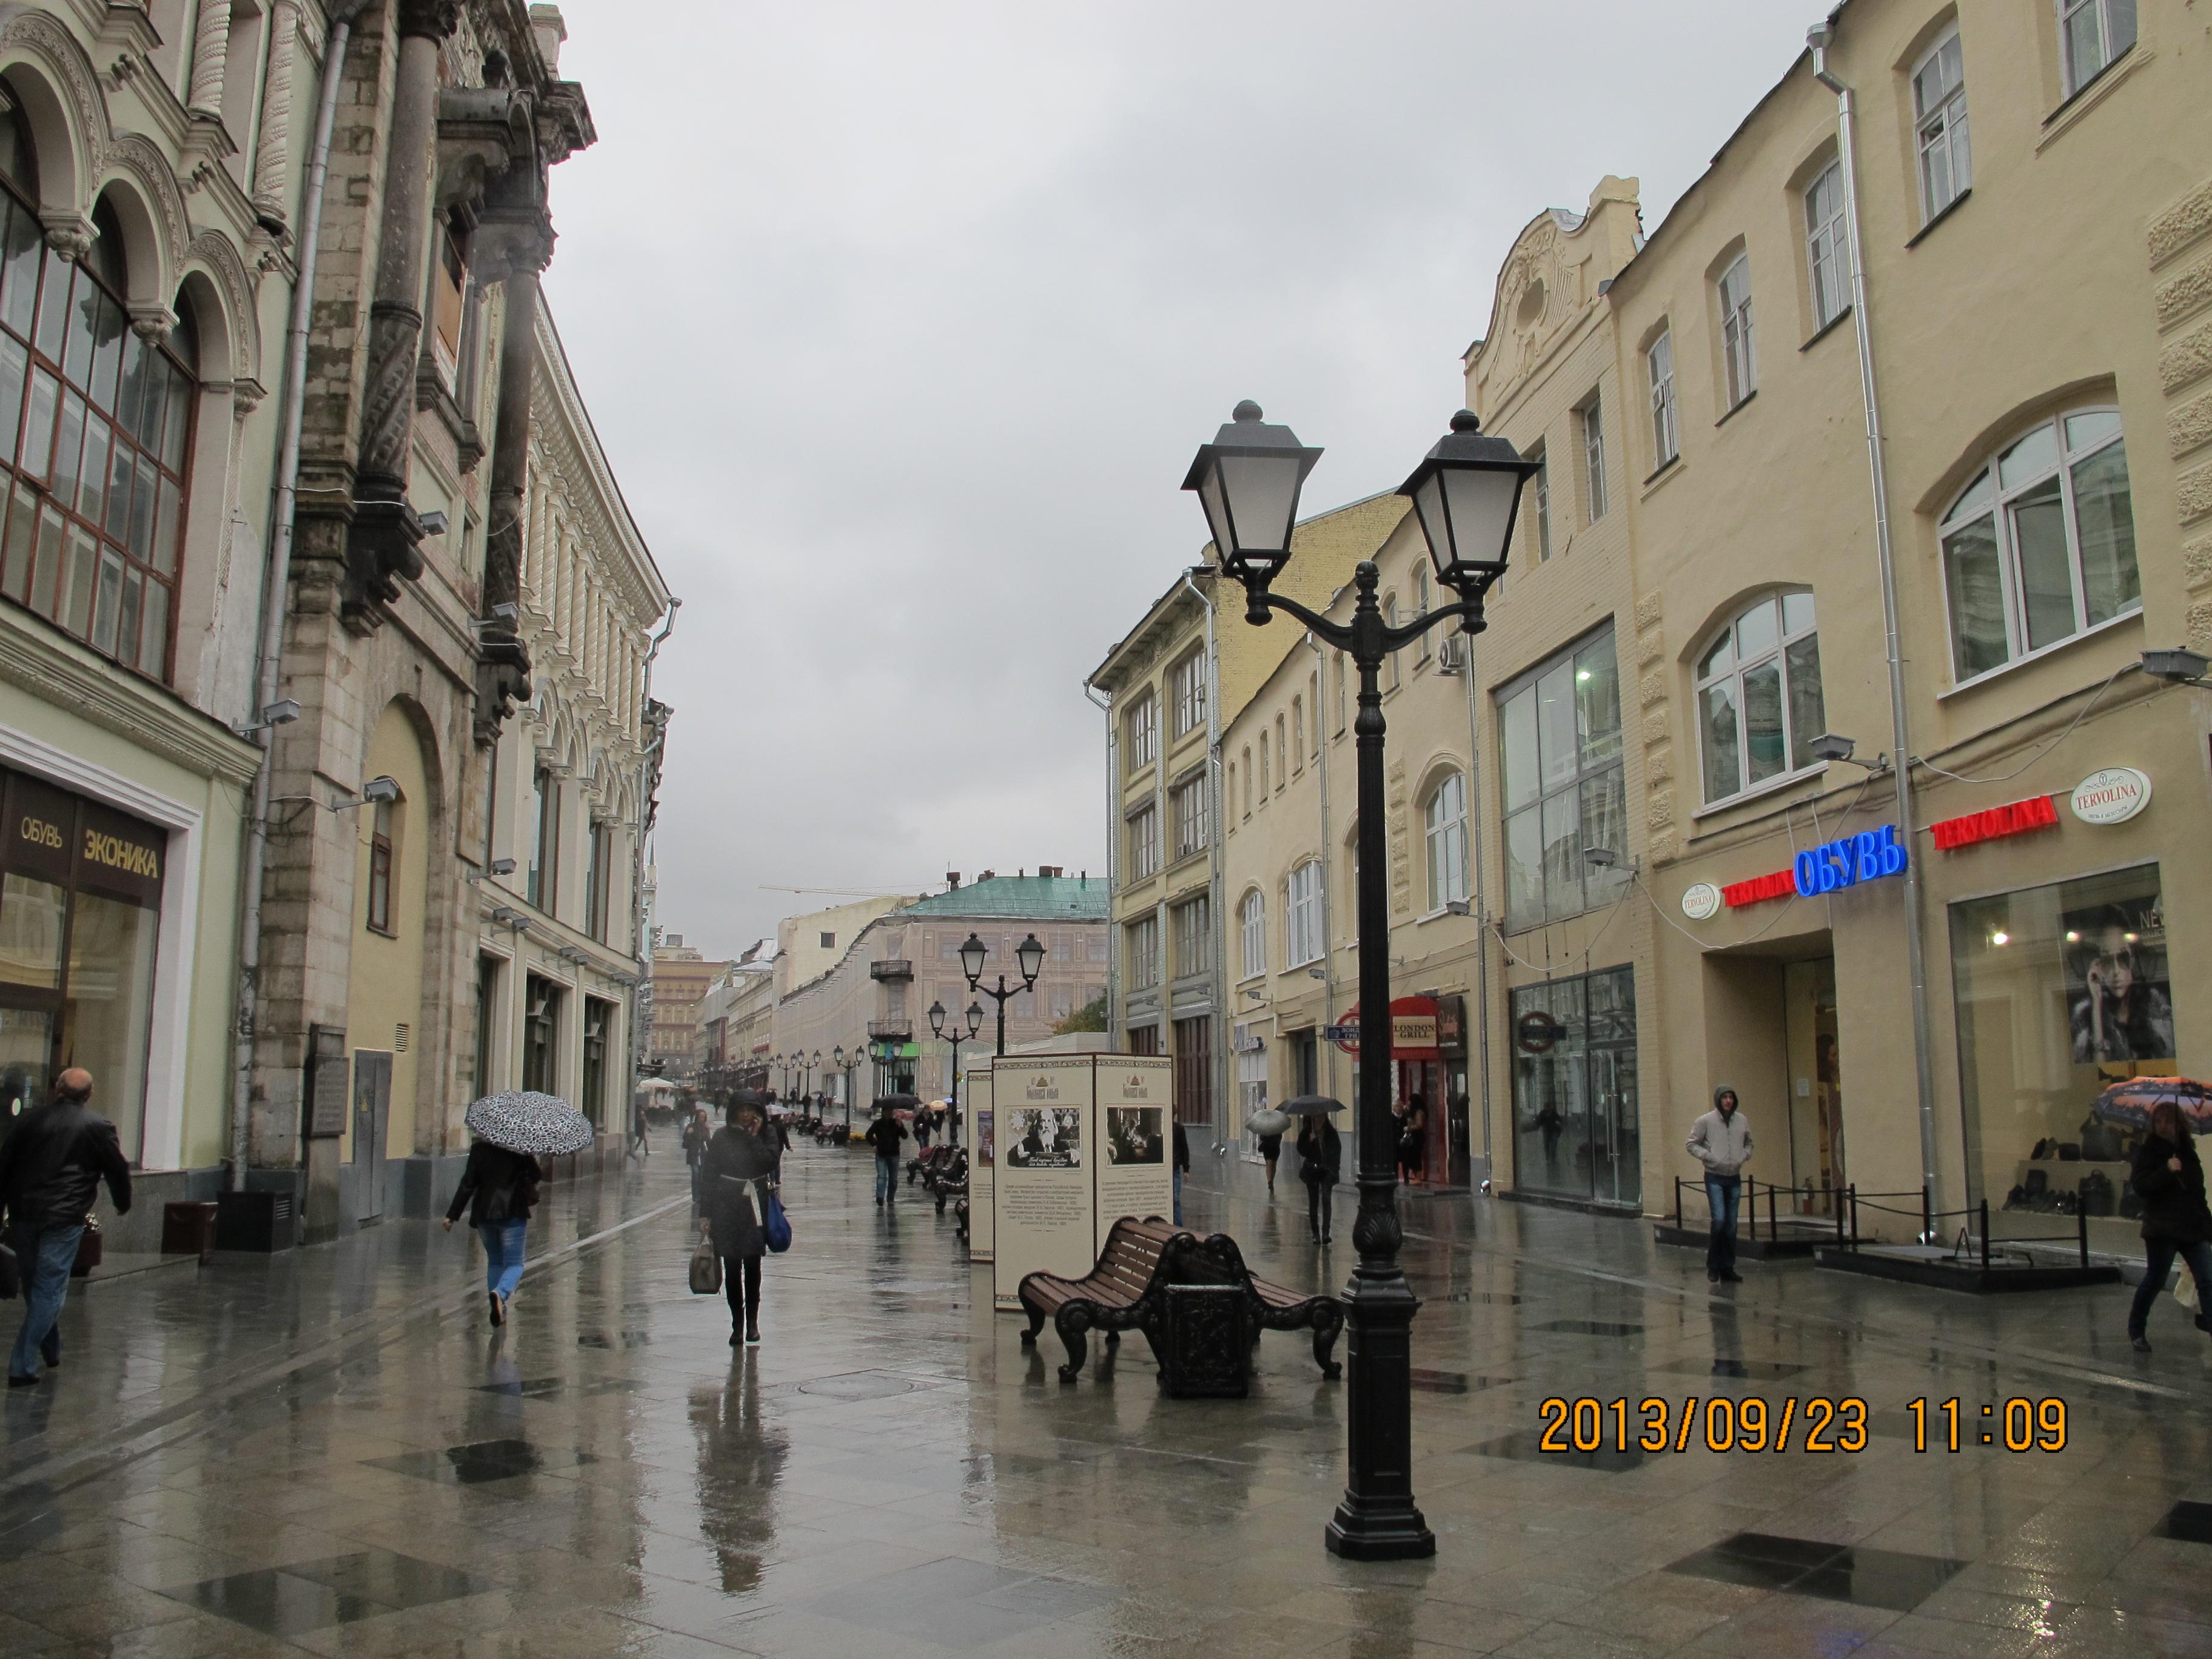 欧式建筑风格的商业街图片